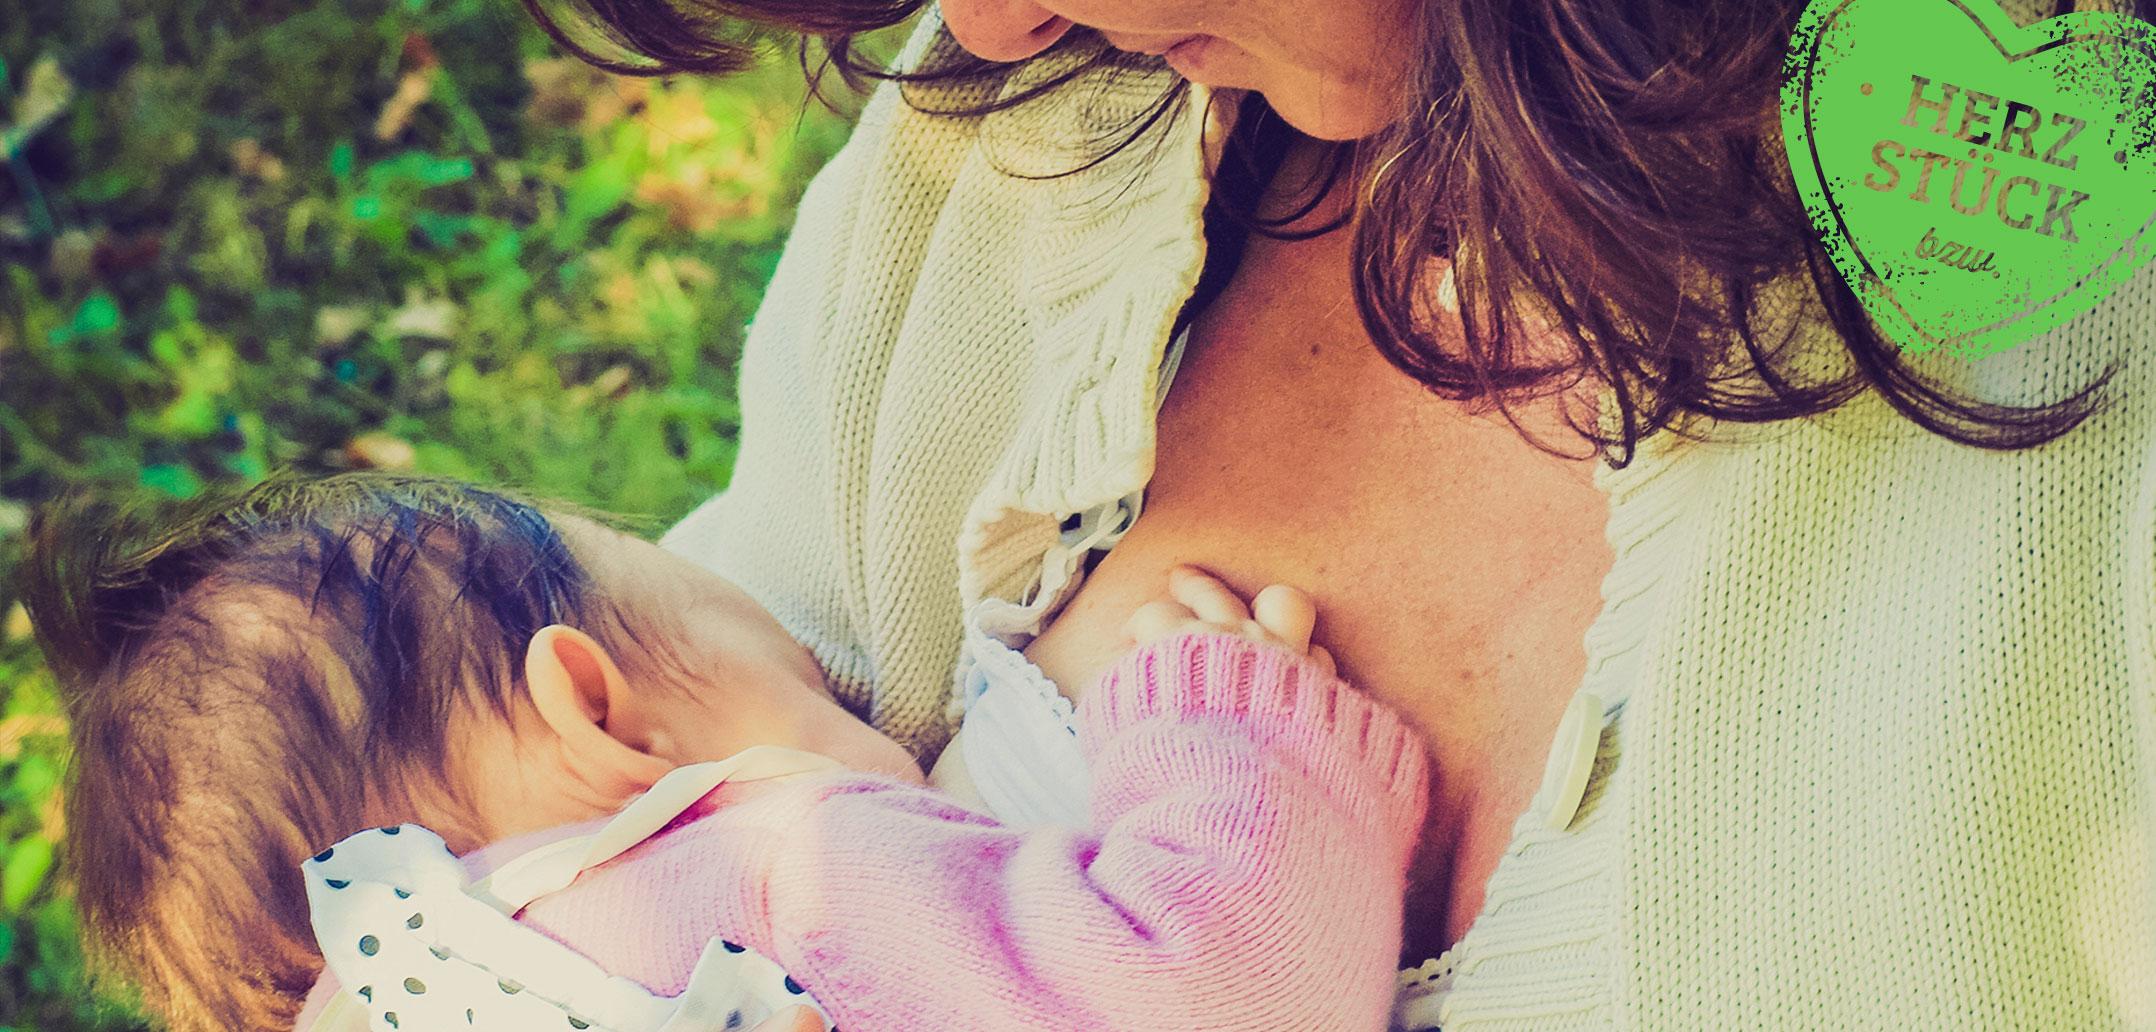 Mütter bitte im Stillen stillen